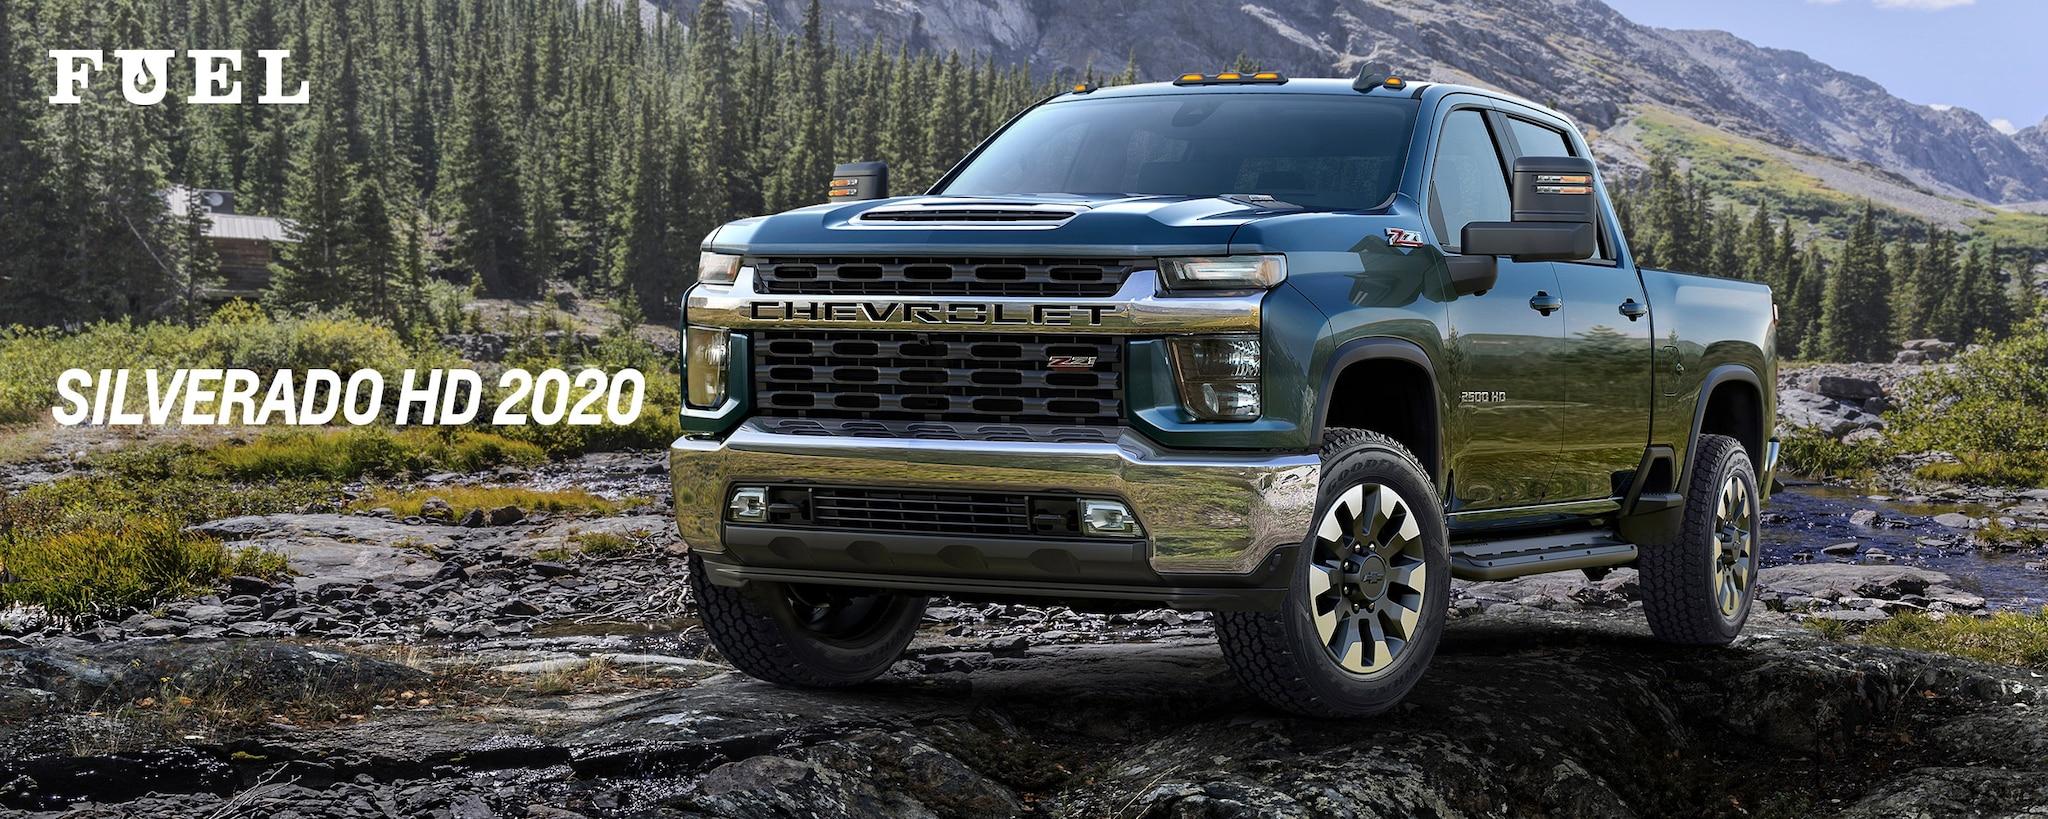 El boletín Fuel de Chevrolet Performance presenta la totalmente nueva camioneta Chevrolet Silverado 2500 HD 2020